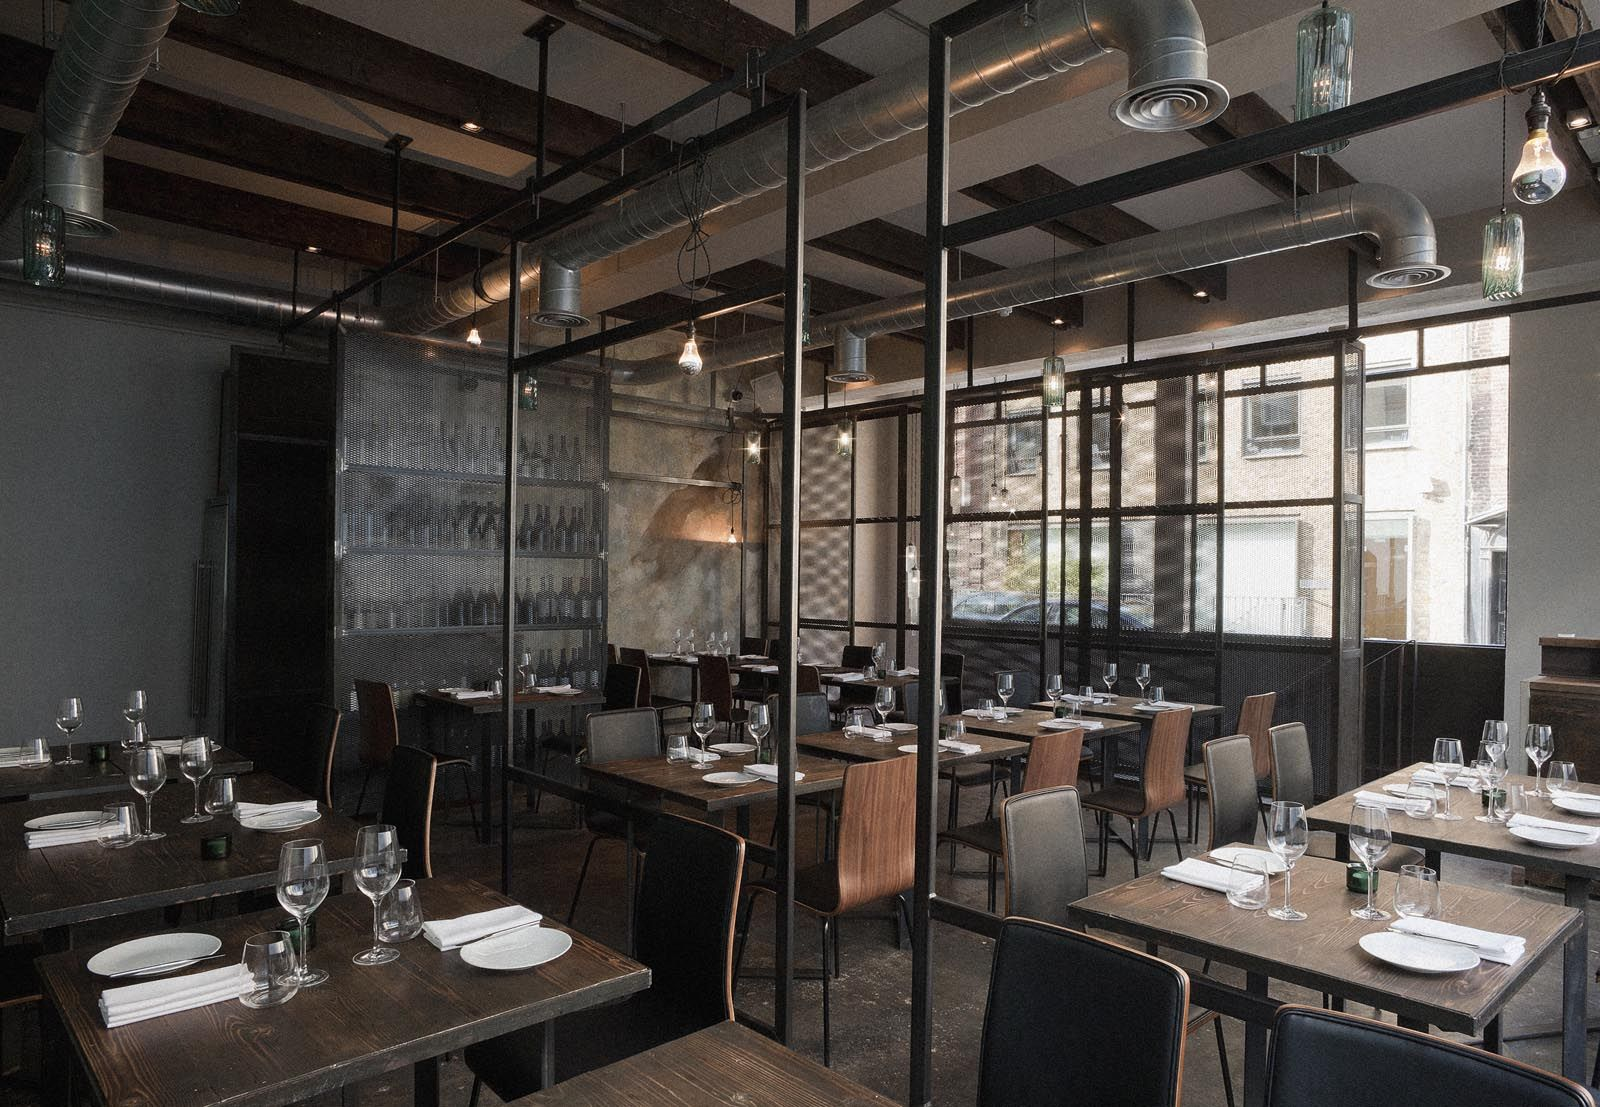 Beautiful Industrial Interior Design With Restaurant Interior